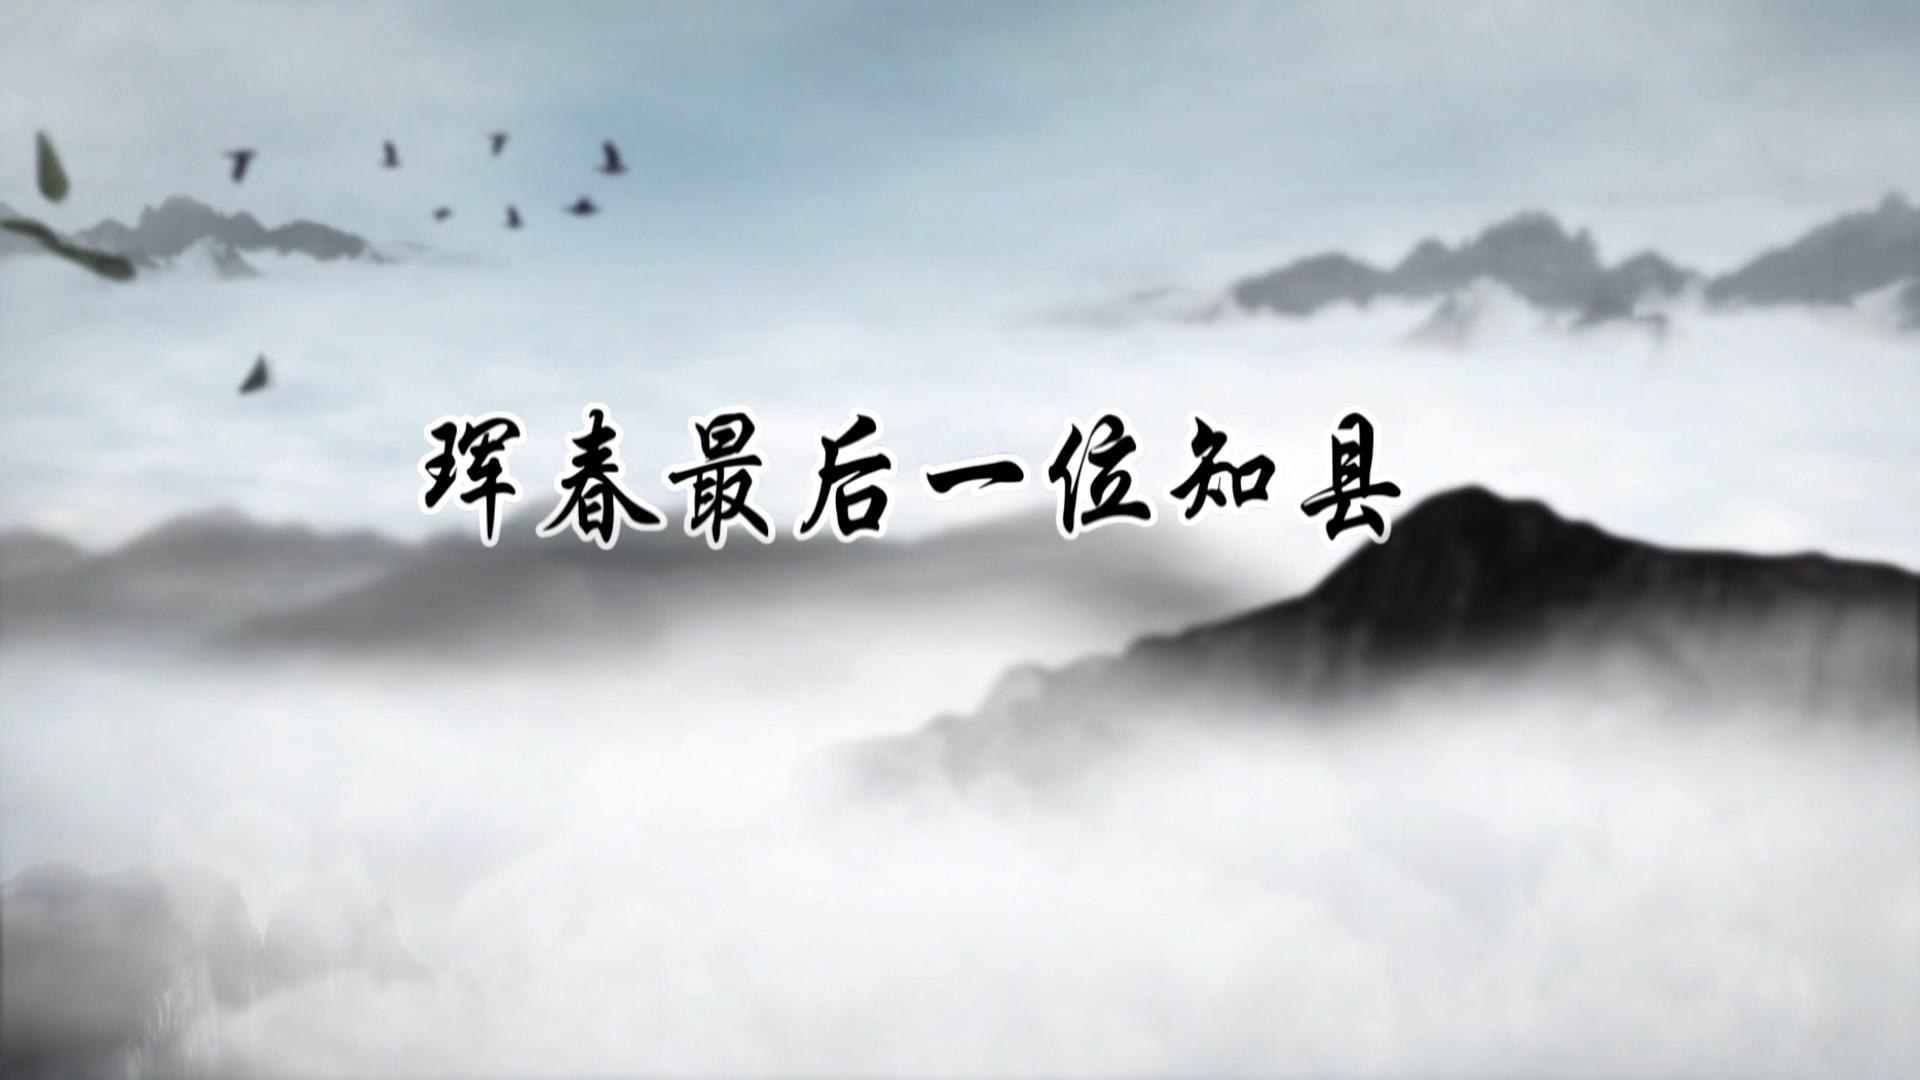 话说珲春二十四期珲春最后一位知县